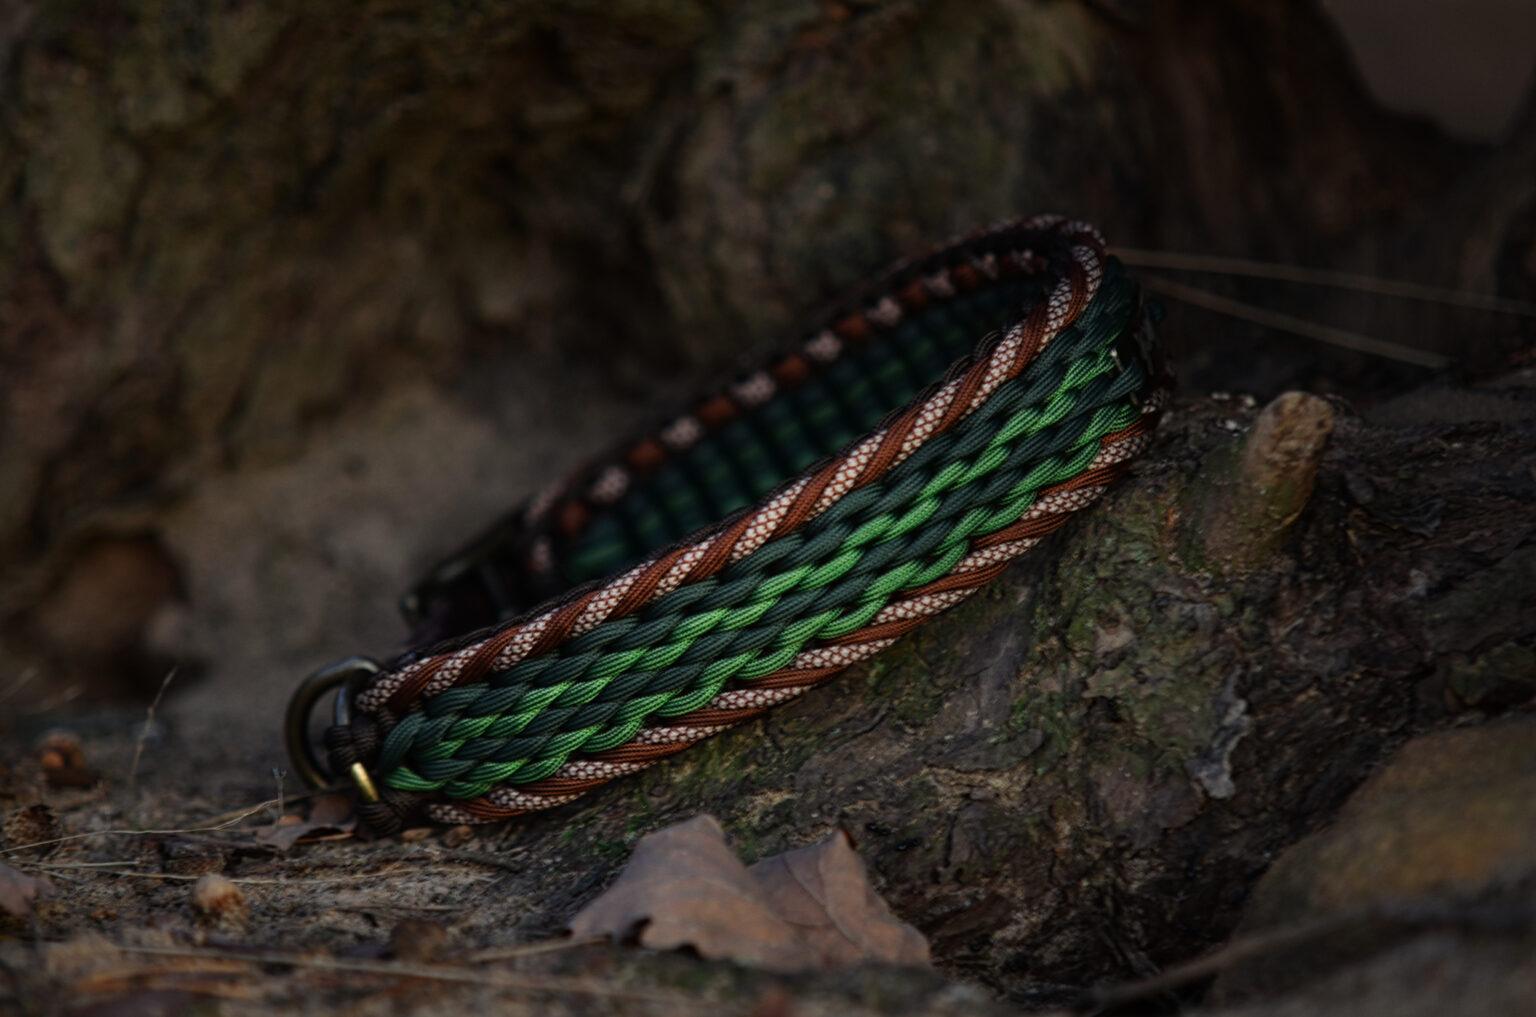 Eine gedeckte Farbkombination aus Grün- und Brauntönen. Das gemusterte Cord im Rand gibt dieser Kombination noch das kleine Etwas.